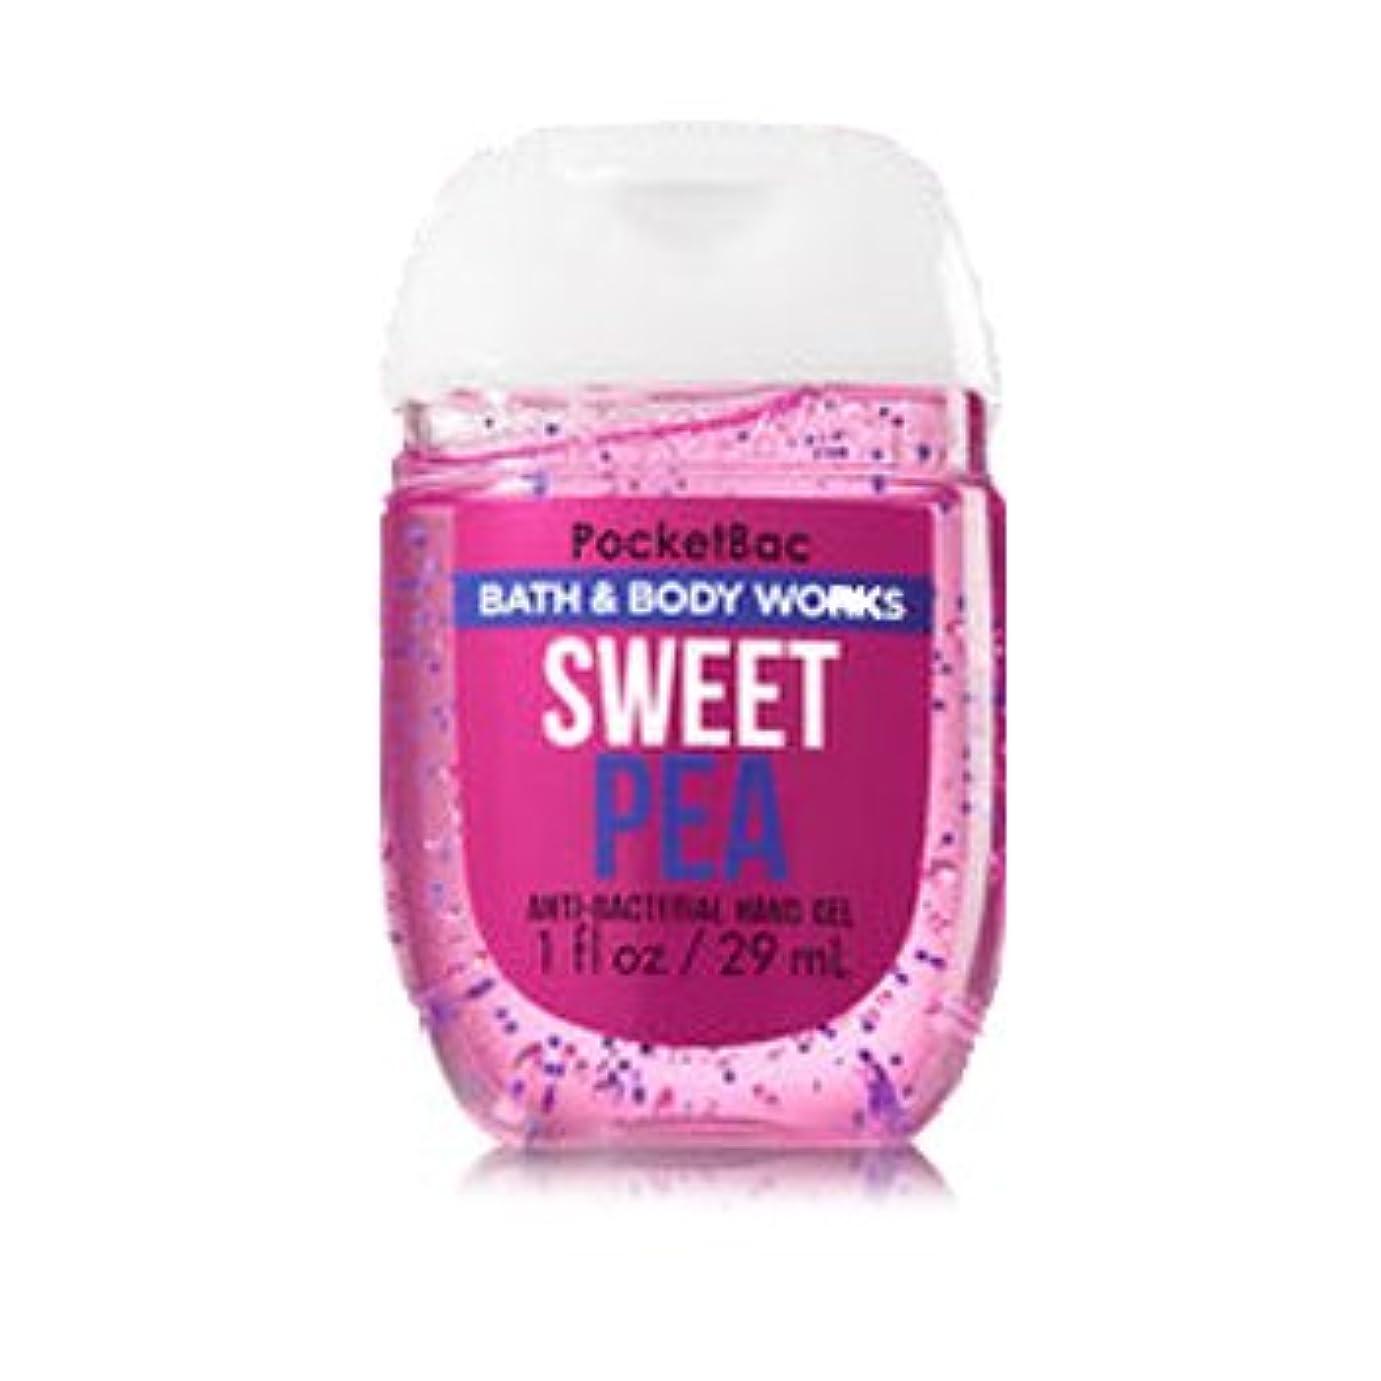 彼女の神経フォーラムバス&ボディワークス ハンドジェル 29ml スウィートピー Bath&Body Works Anti-Bacterial PocketBac Sanitizing Hand Gel Sweet Pea [並行輸入品]